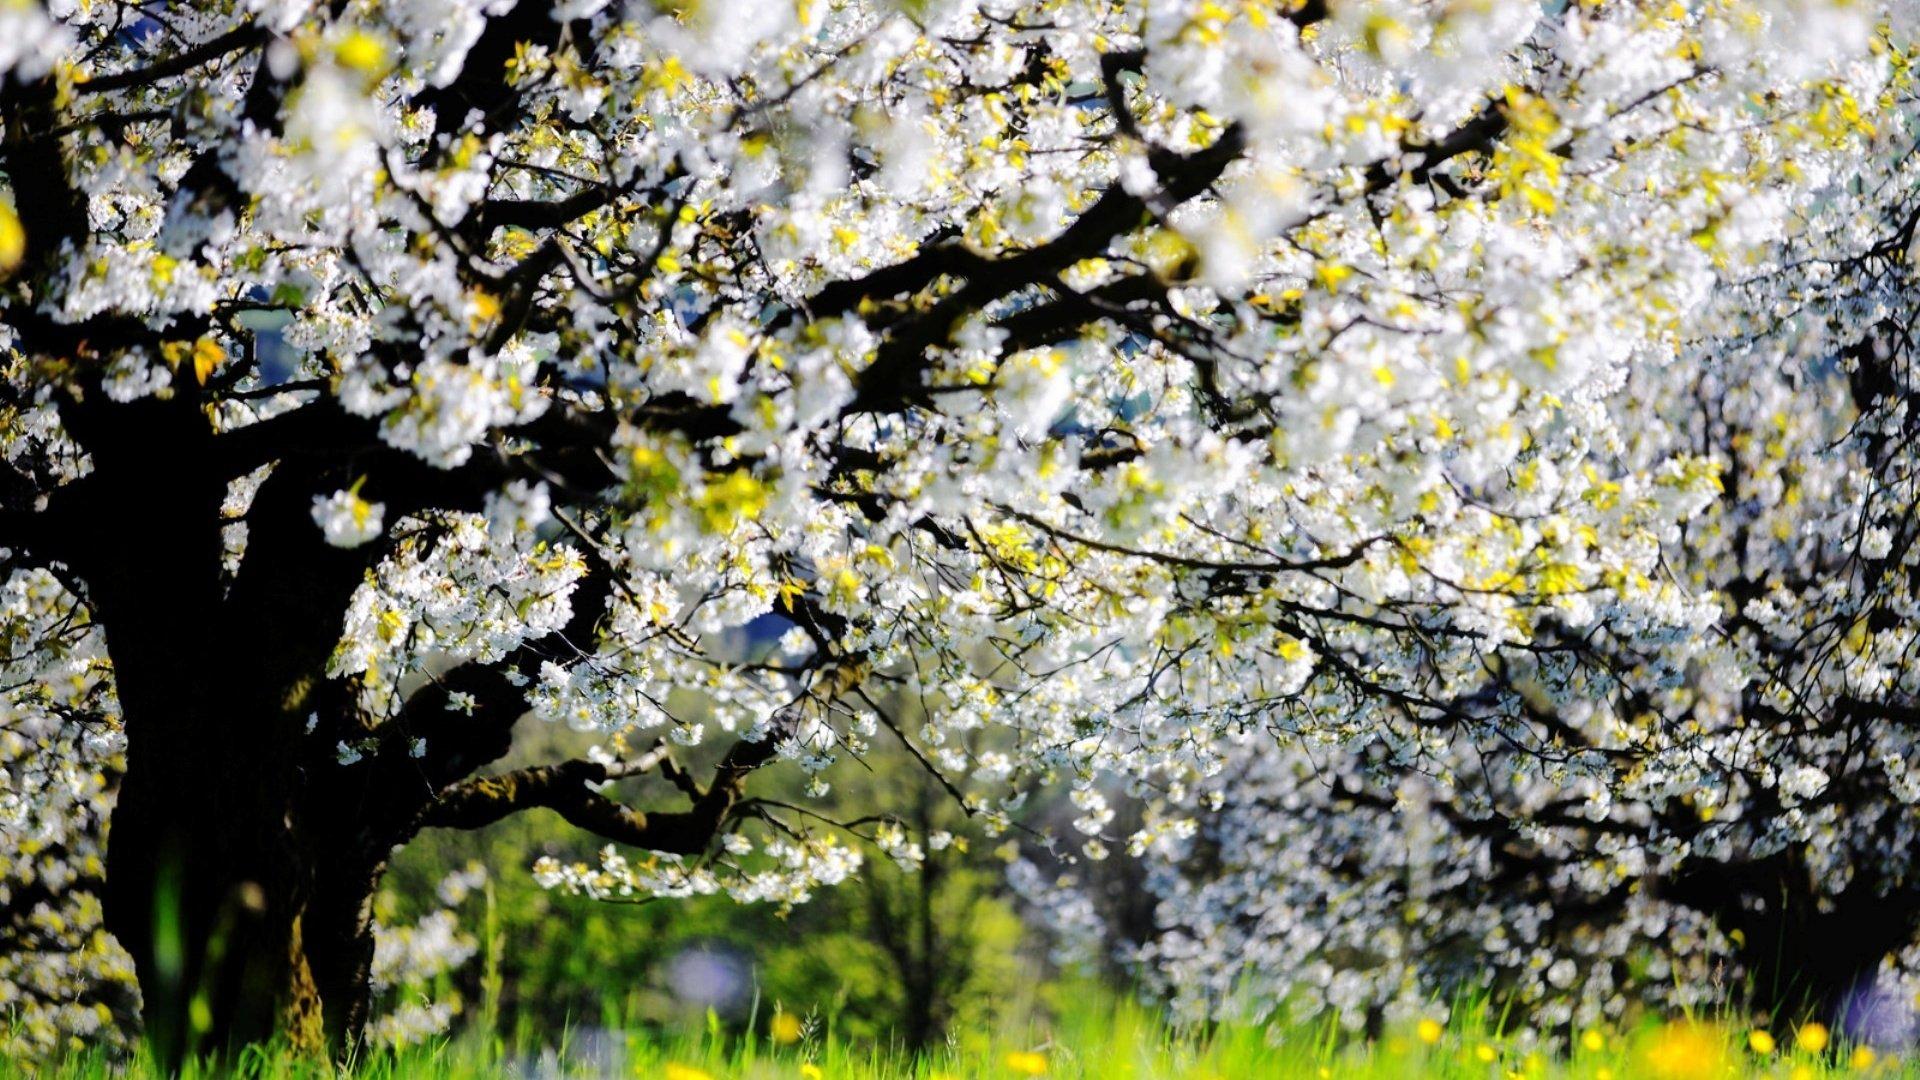 красивые бесплатные цветущий сад фото высокого разрешения поселок настоящим глубоким